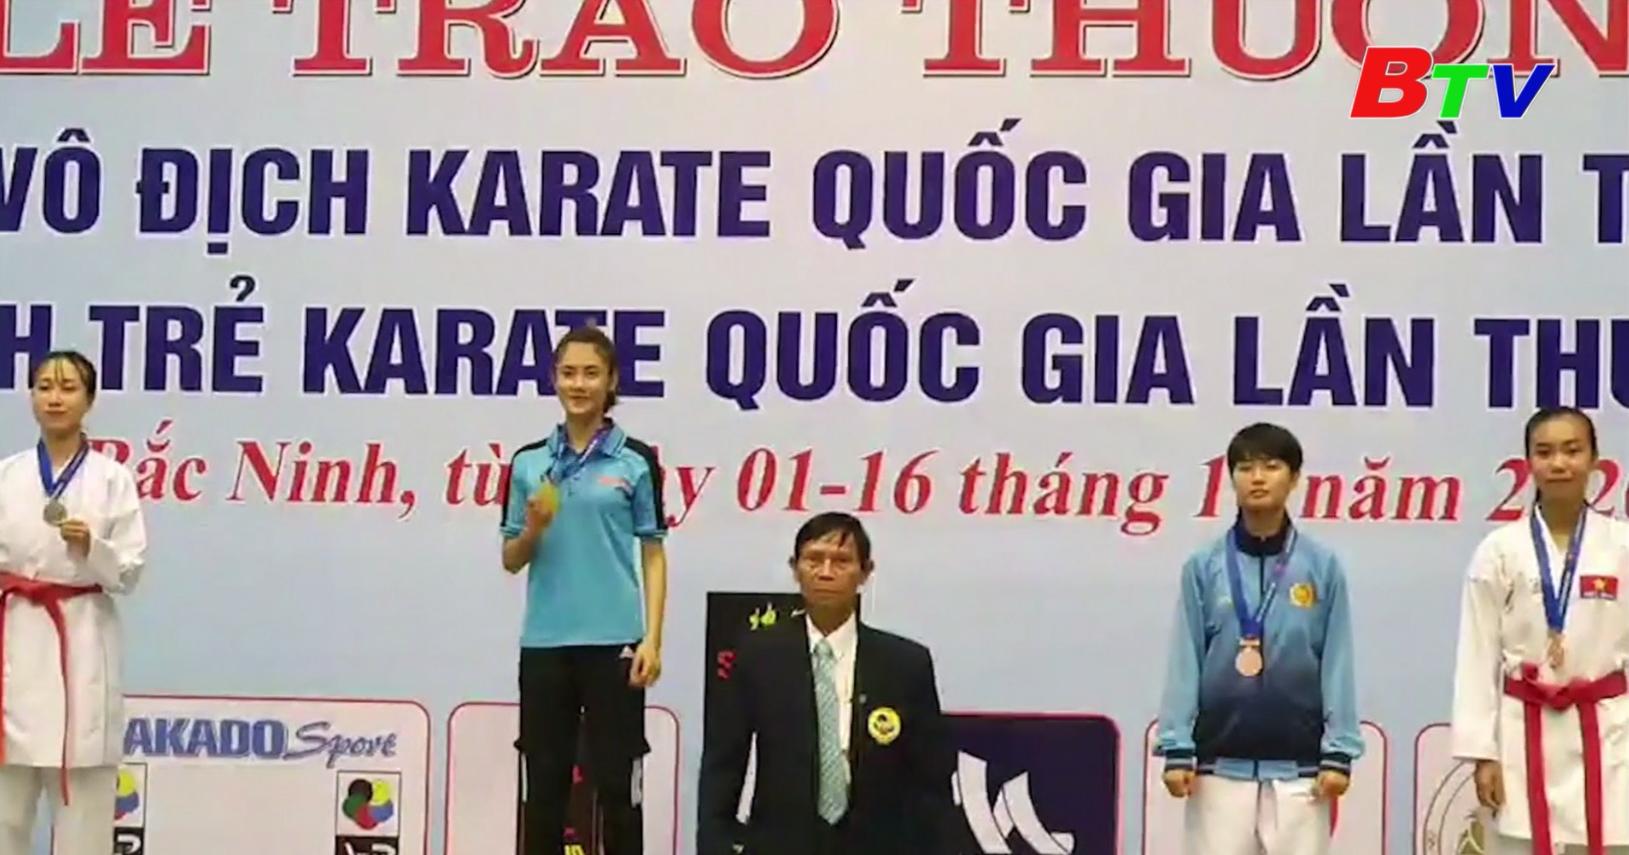 Kết thúc Giải vô địch Karatedo Quốc gia năm 2020